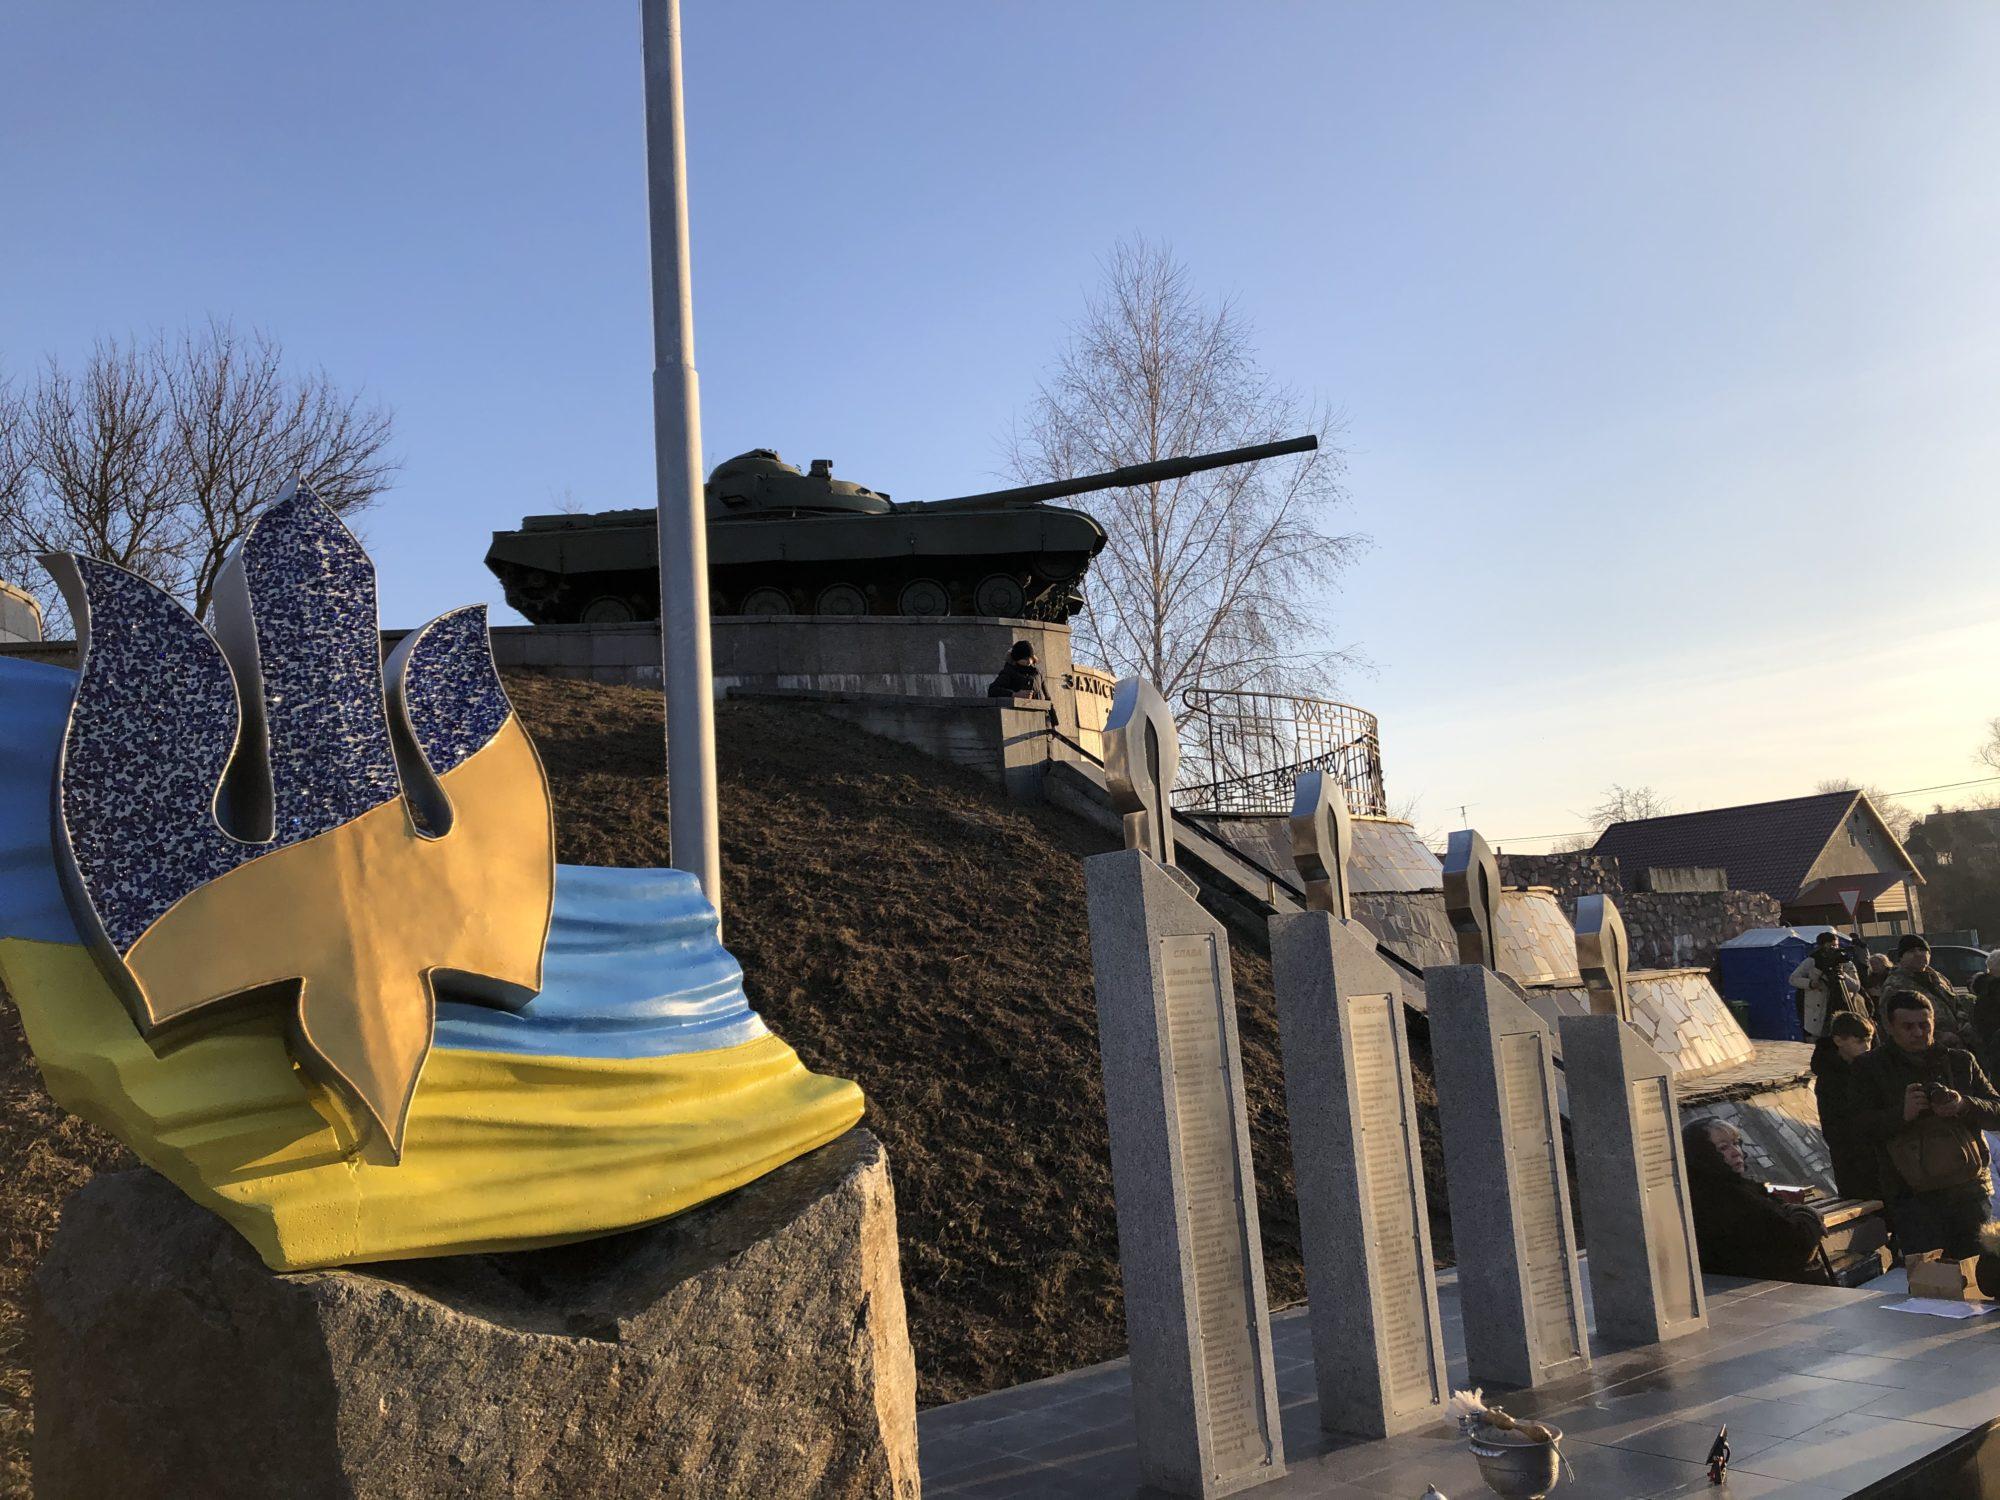 На честь загиблим: у Гатному відкрили обеліск Небесної Сотні - меморіал, Гатне - 5B667DAD 8DAD 49B3 81EE E3CE26ADDCCB 2000x1500